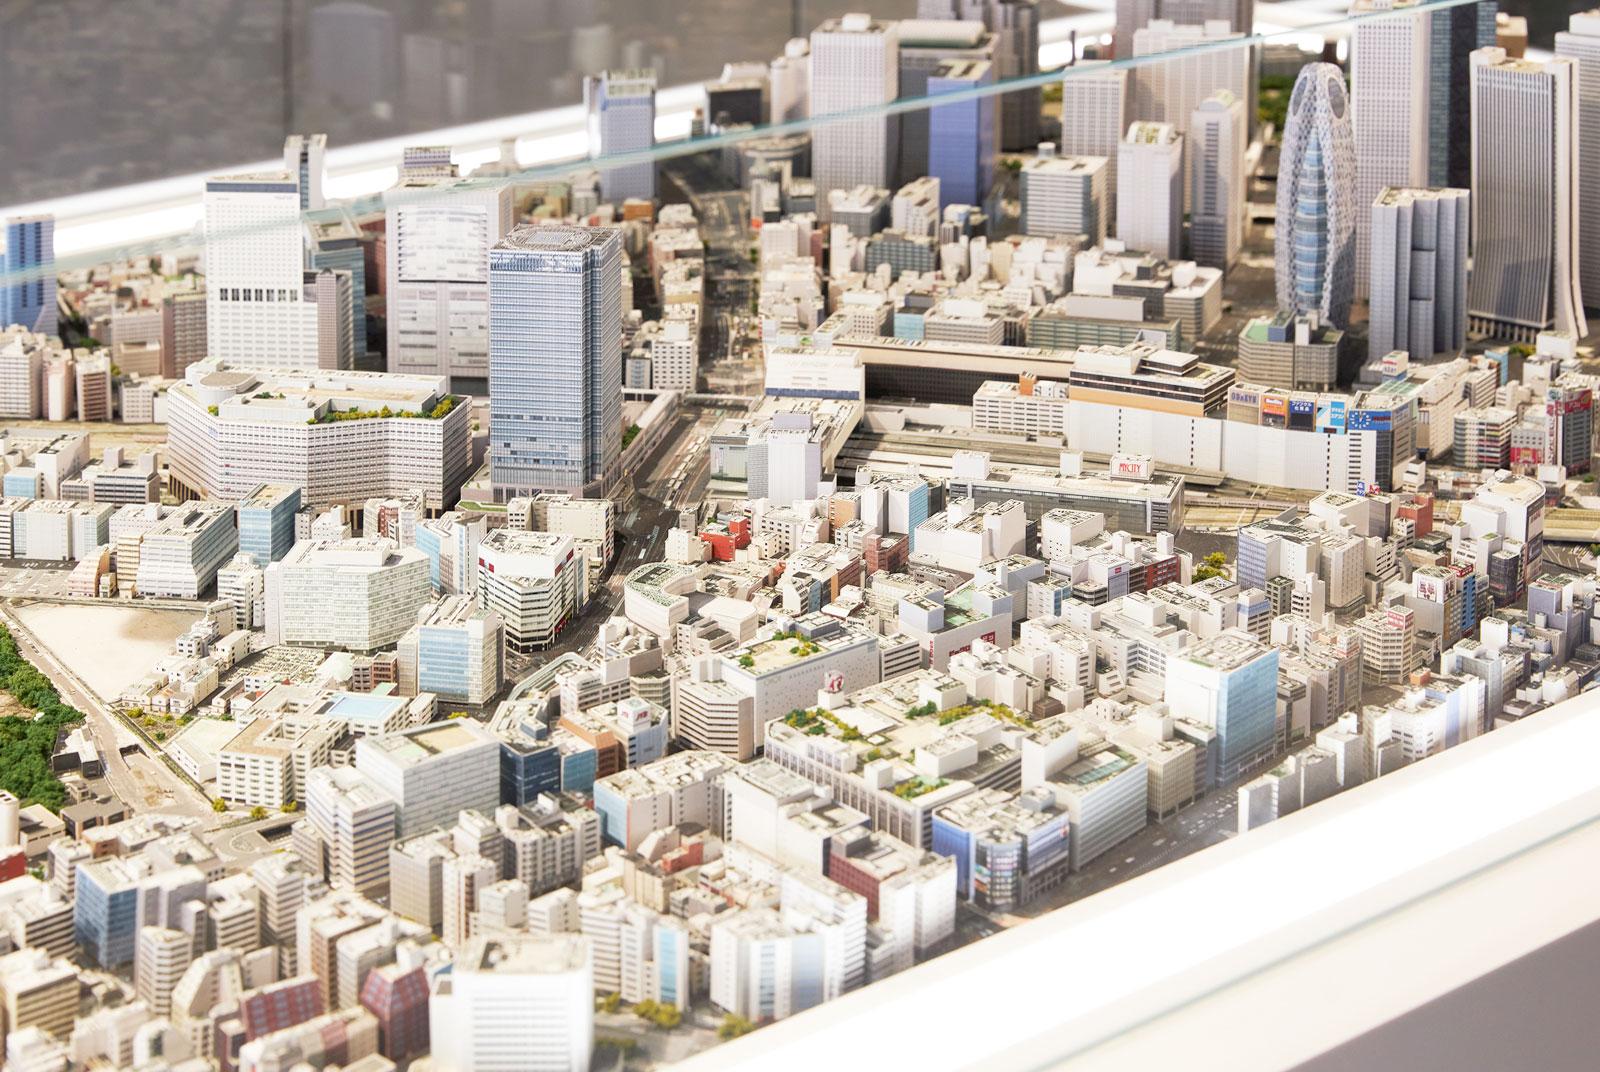 写真ジオラマ「新宿写真」。「店まで歩きながら眺めてきた街が小さな模型として目の前に現れたら、おもしろいのでは」(谷川さん)<br>「1000分の1なので、つい夢中になって見てしまうという良さが、カメラの良さとリンクする」(米谷さん)